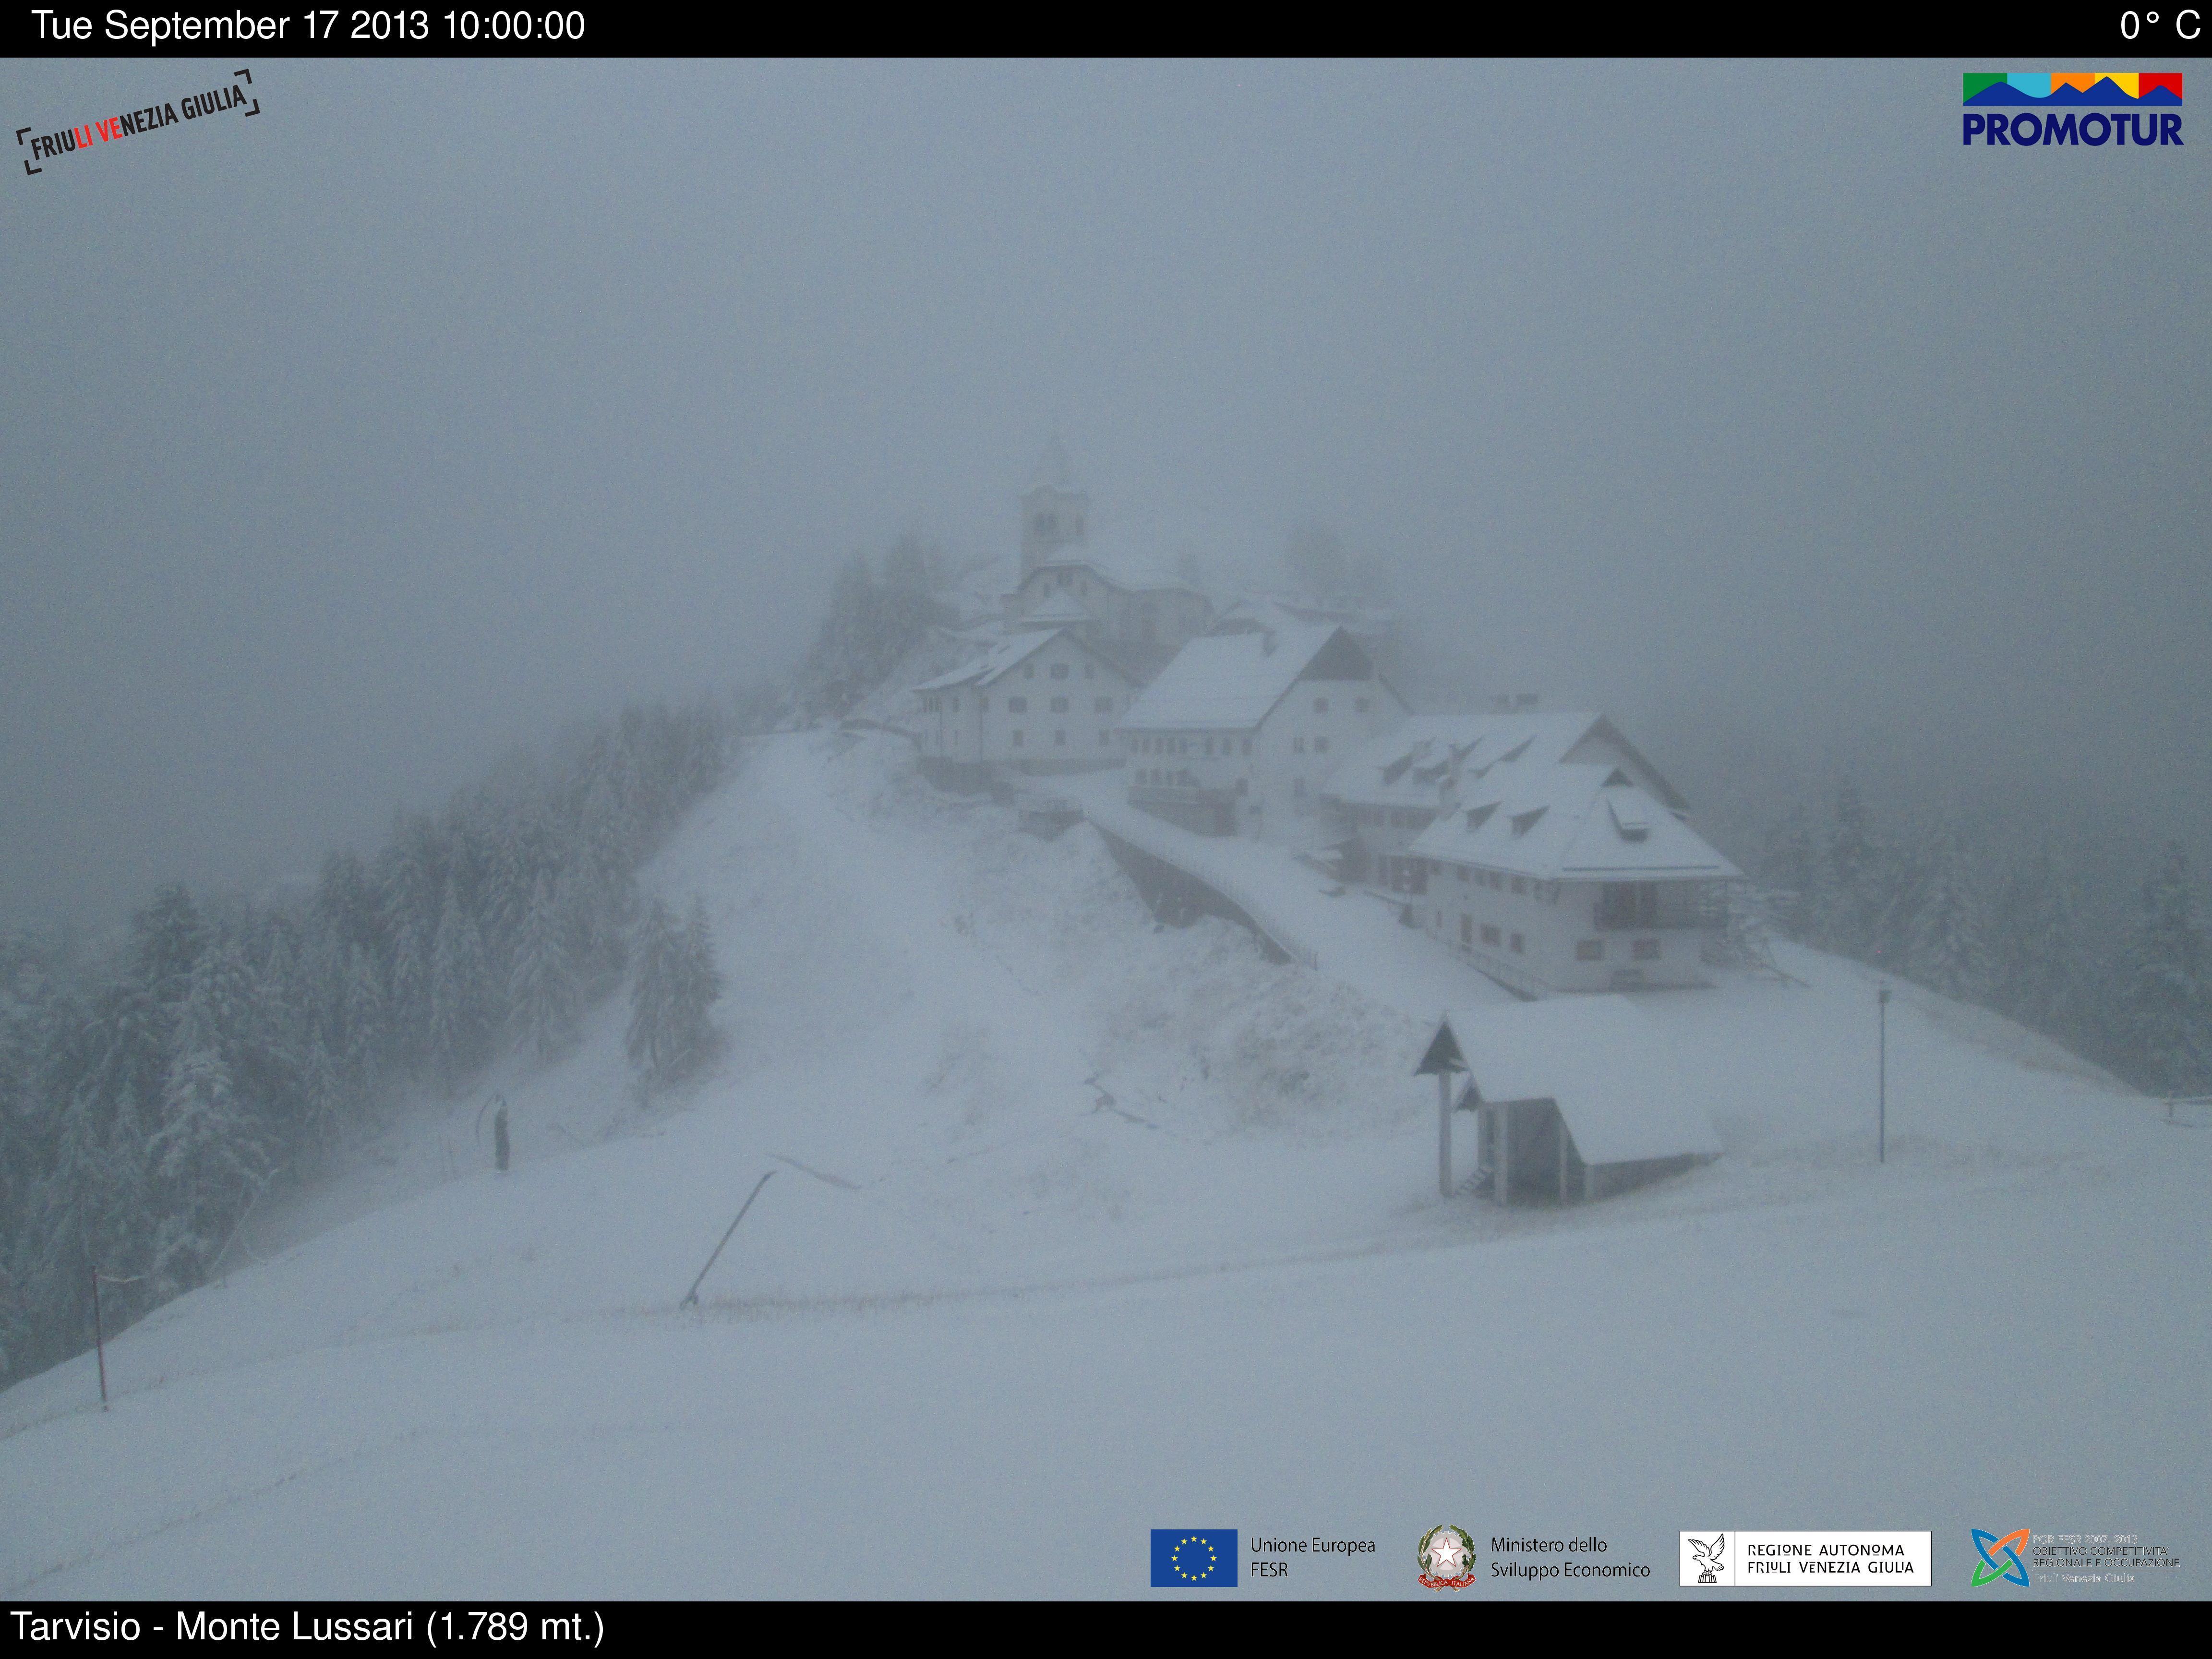 Santuario del Monte Lussari , Tarvisio a circa 1700m - Fonte promotur.digitalwebland.com